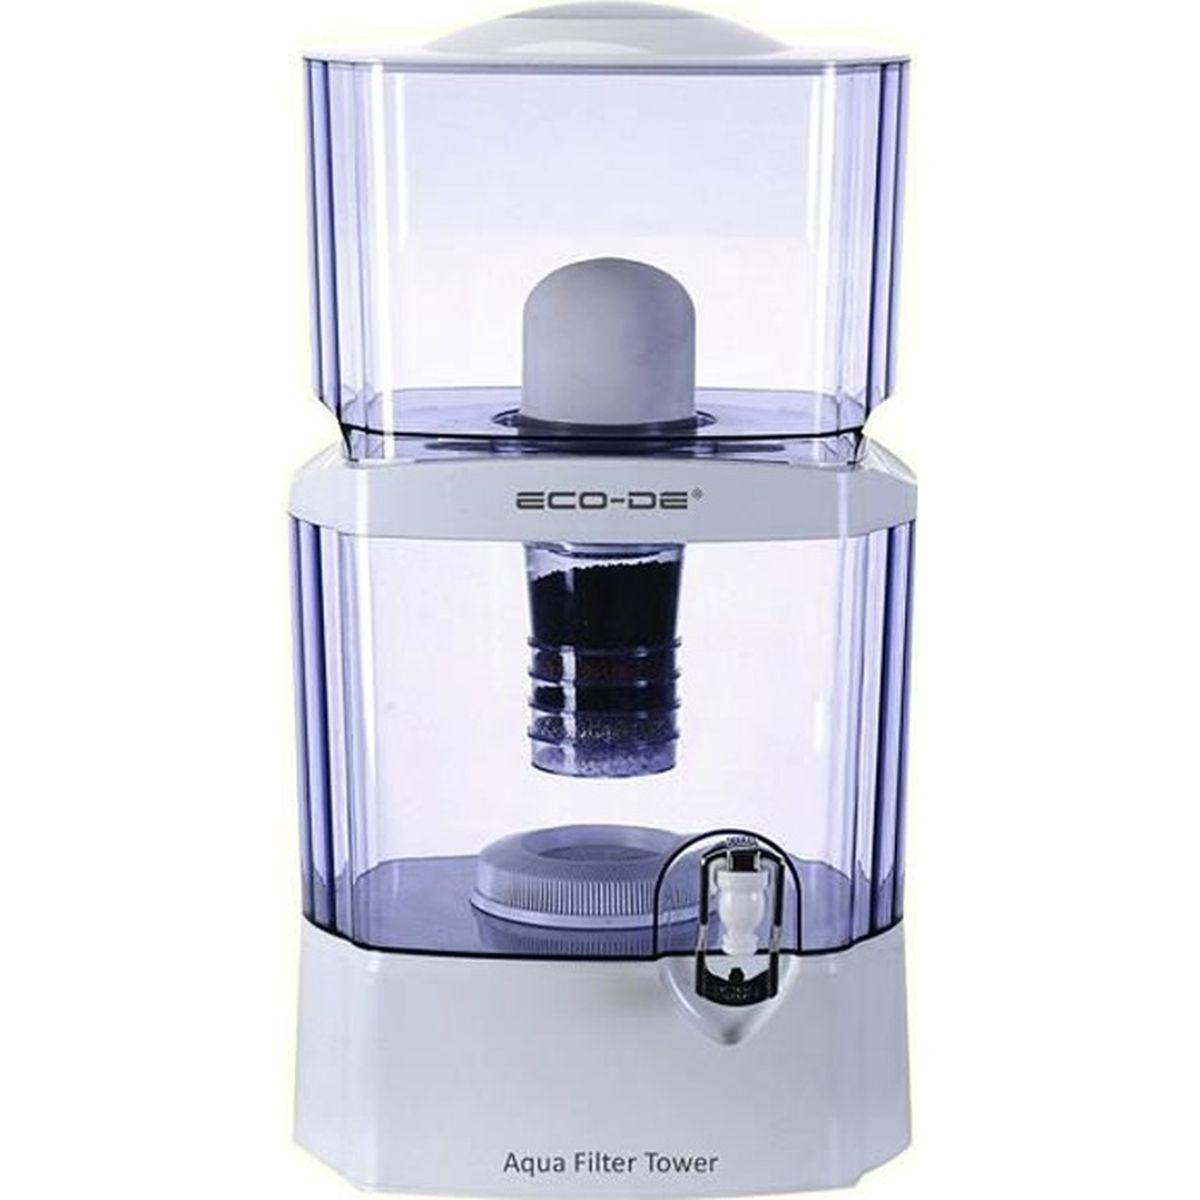 Consommation Fontaine À Eau purificateur eau 24 l+ fontaine a eau eco-de - achat / vente